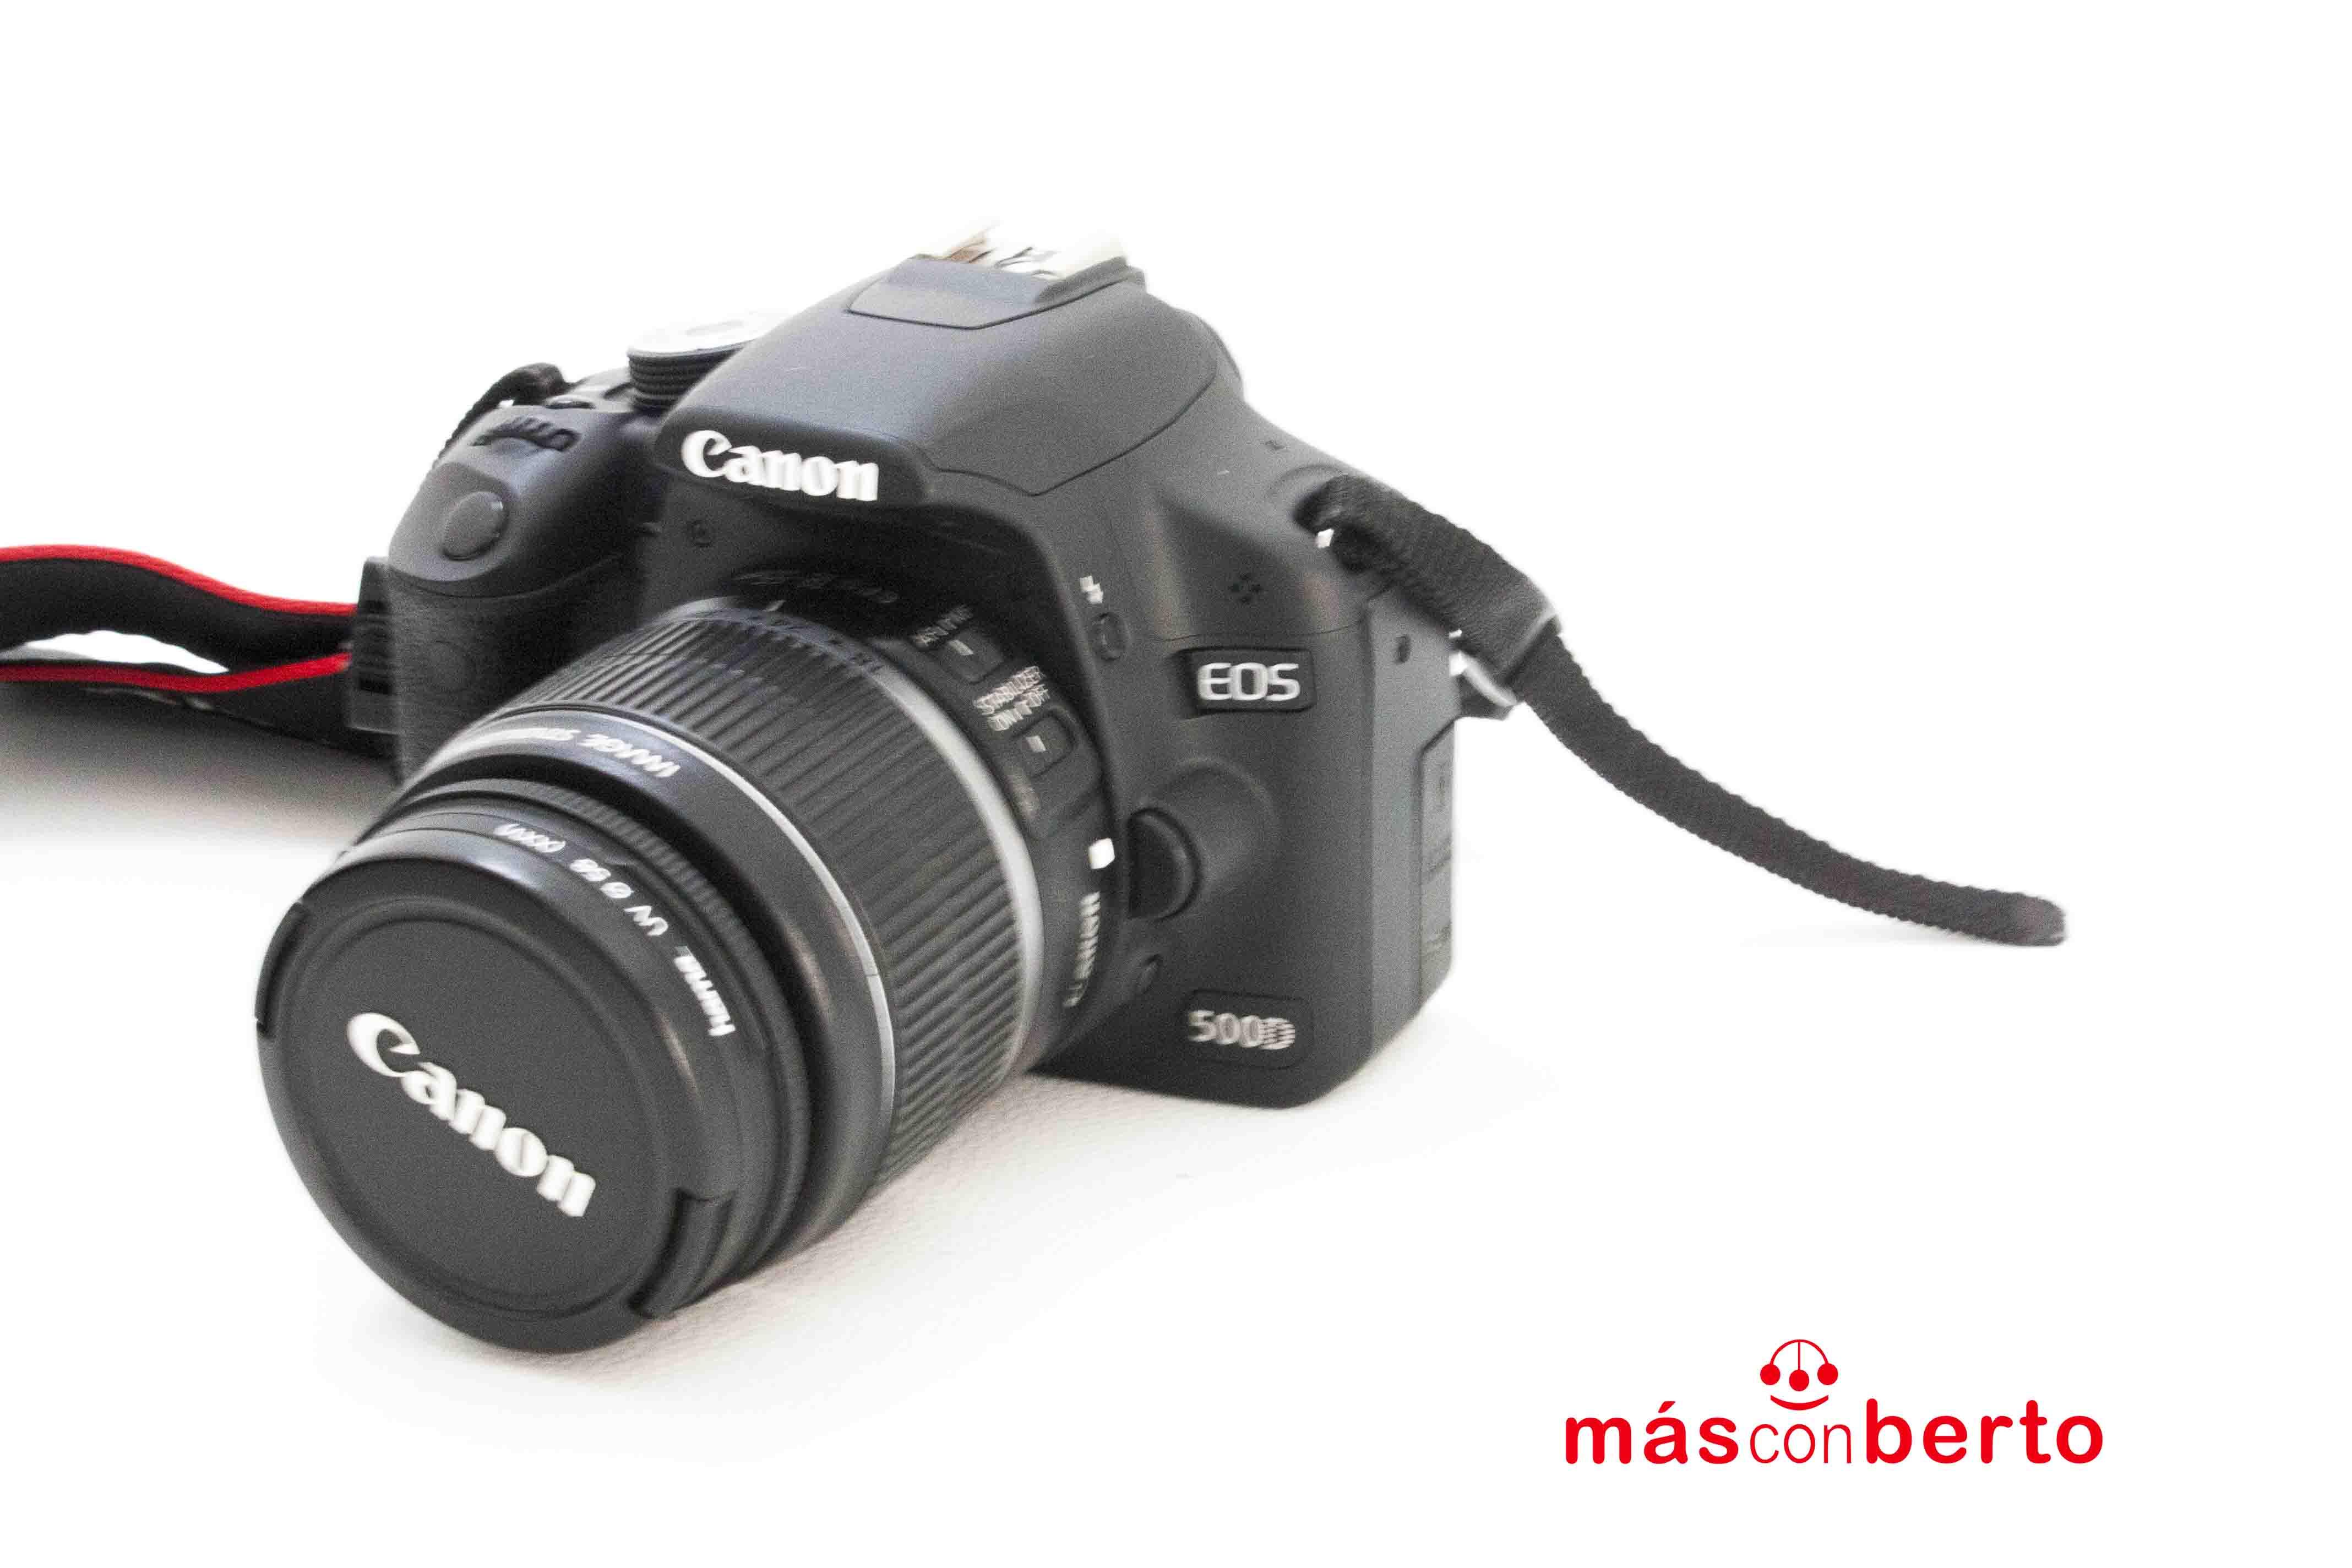 Cámara reflex Canon EOs 500D